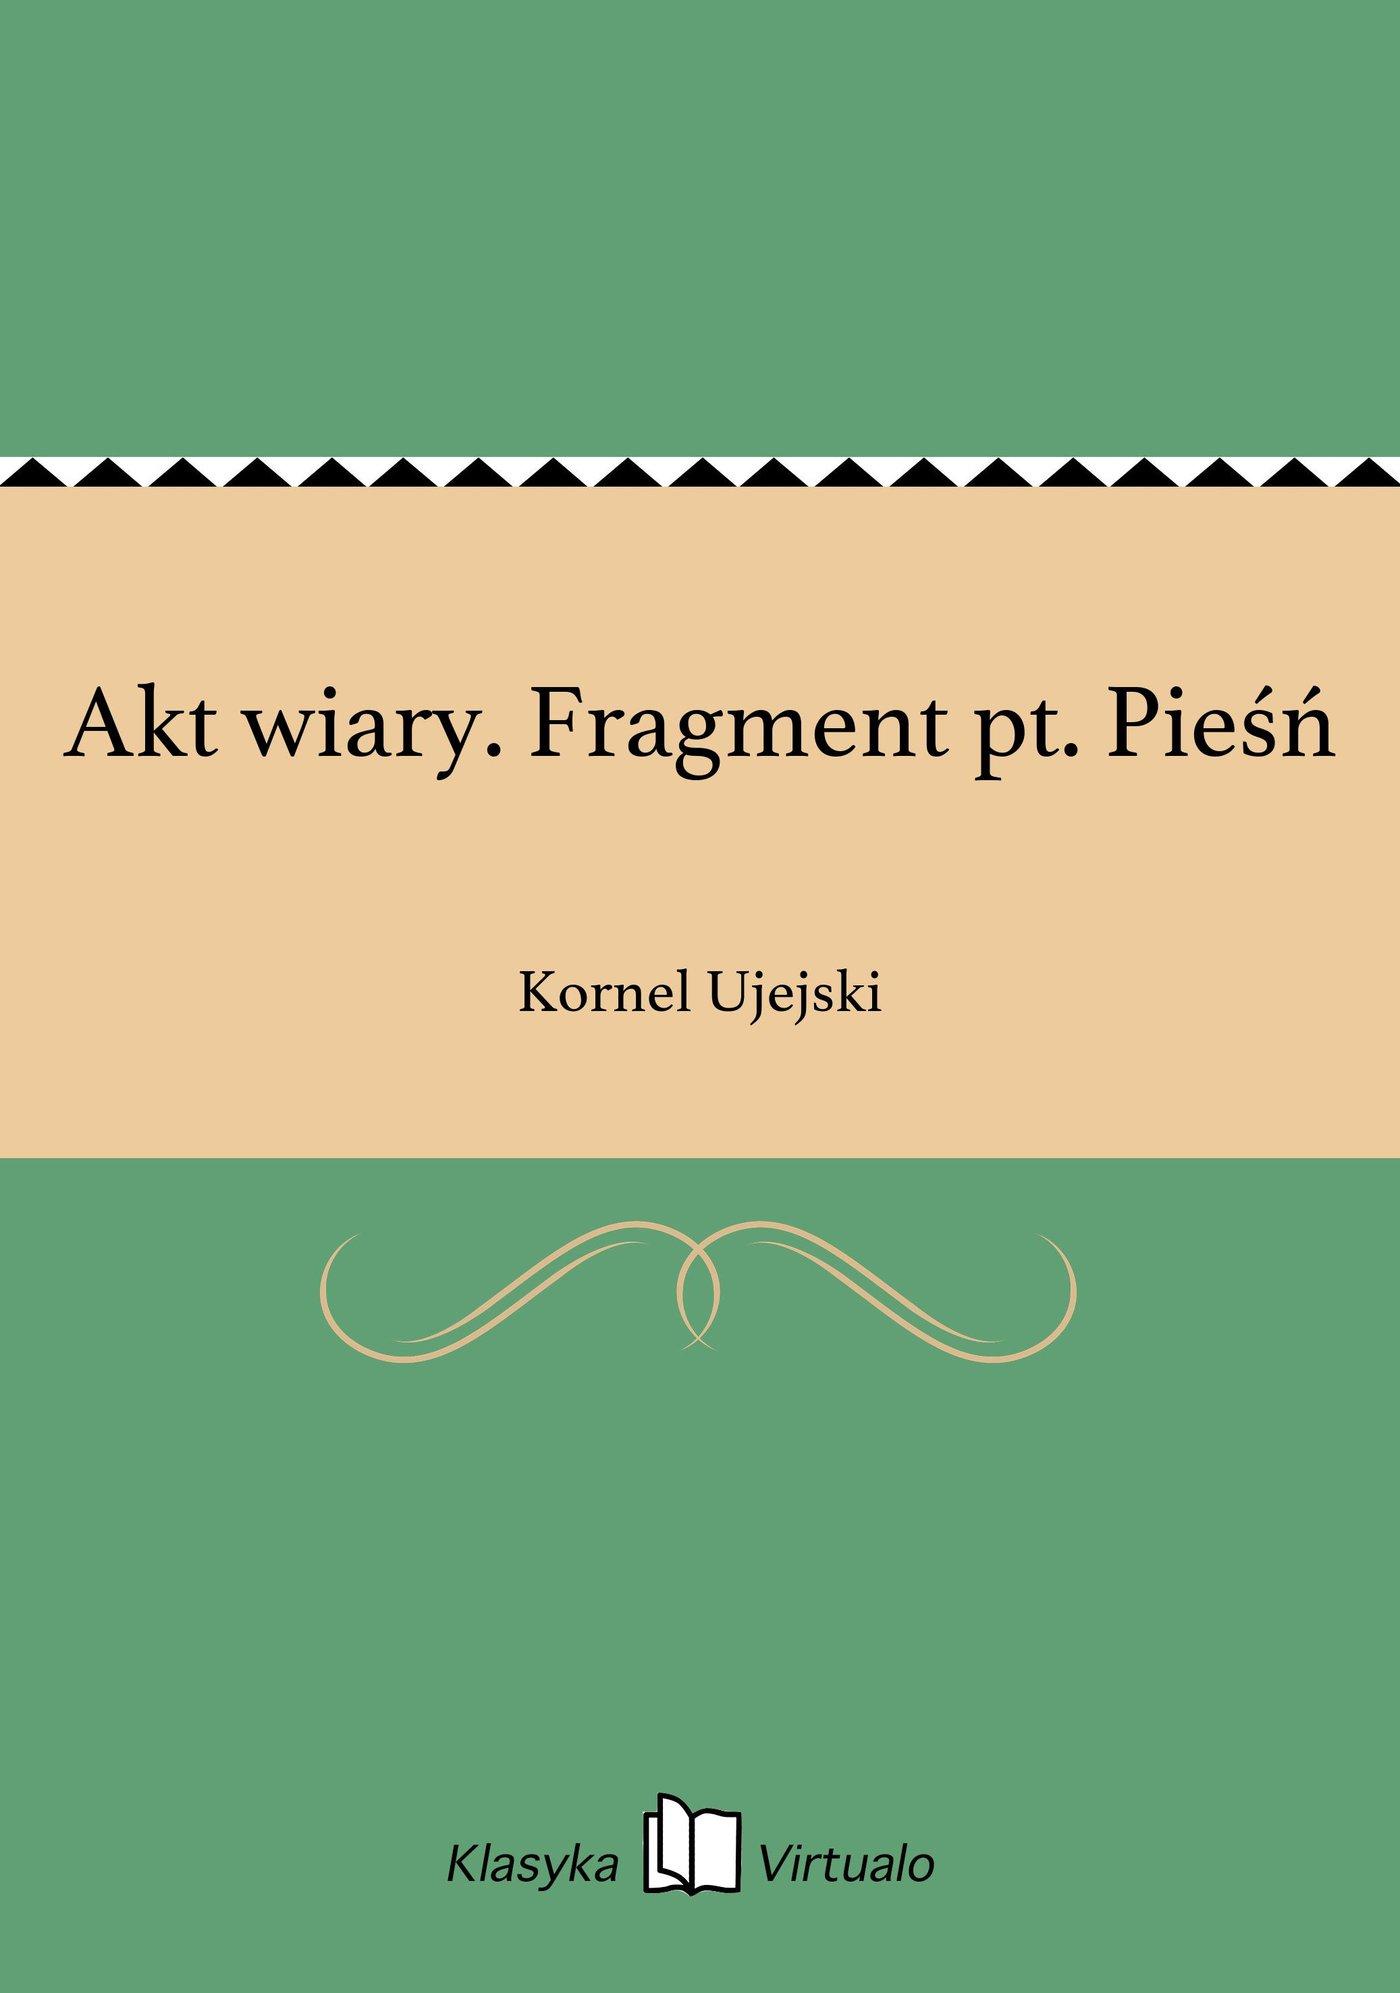 Akt wiary. Fragment pt. Pieśń - Ebook (Książka EPUB) do pobrania w formacie EPUB